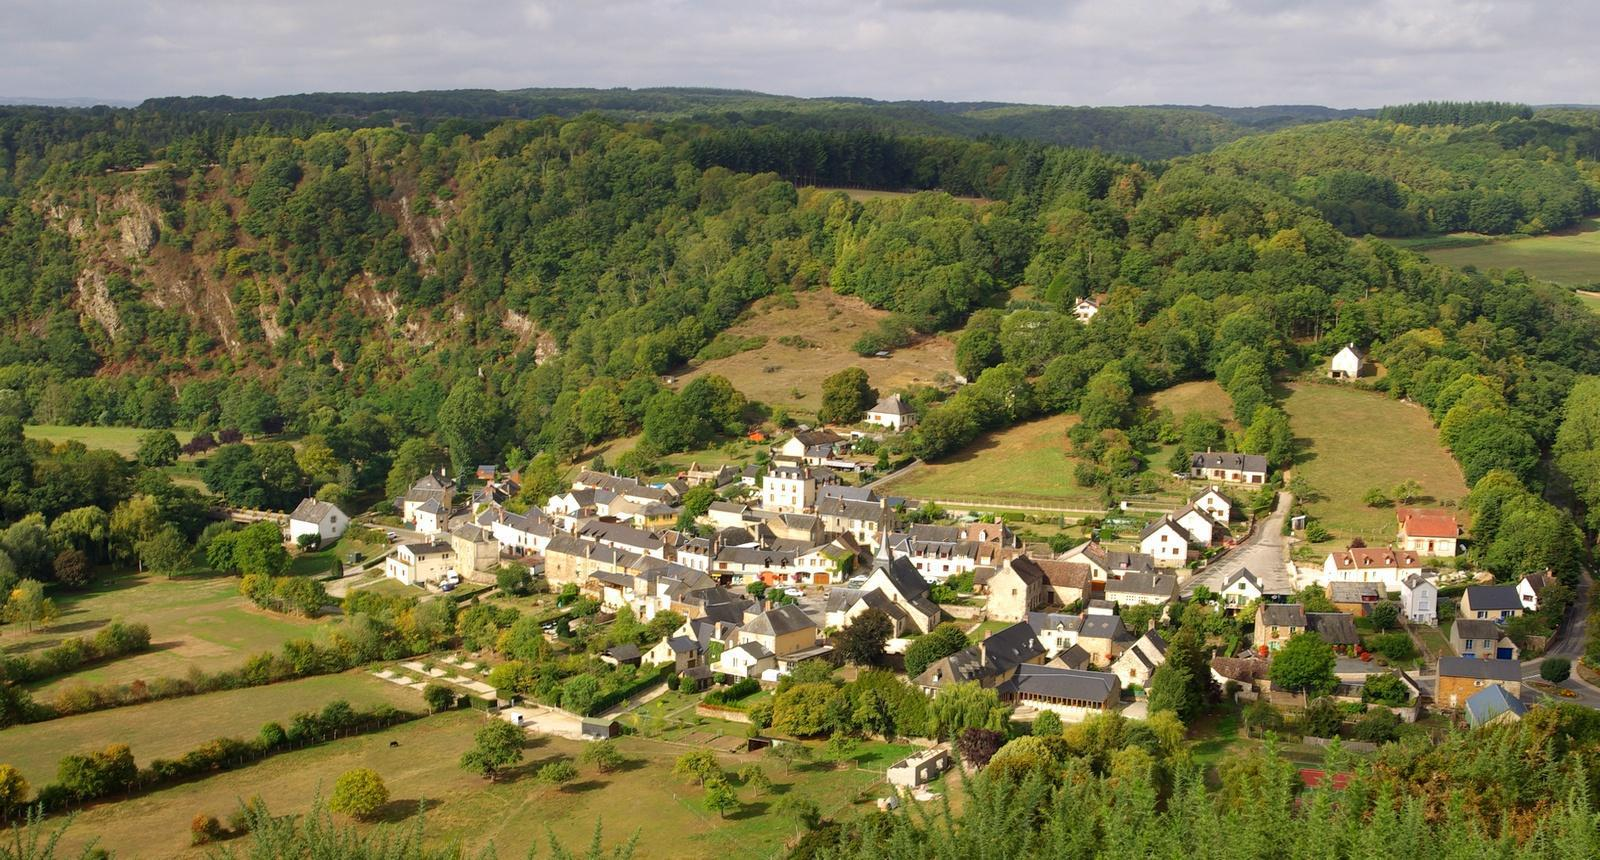 Canoe Saint Leonard Des Bois - Photo Saint Léonard des Bois 152530 Diaporamas, images, photos